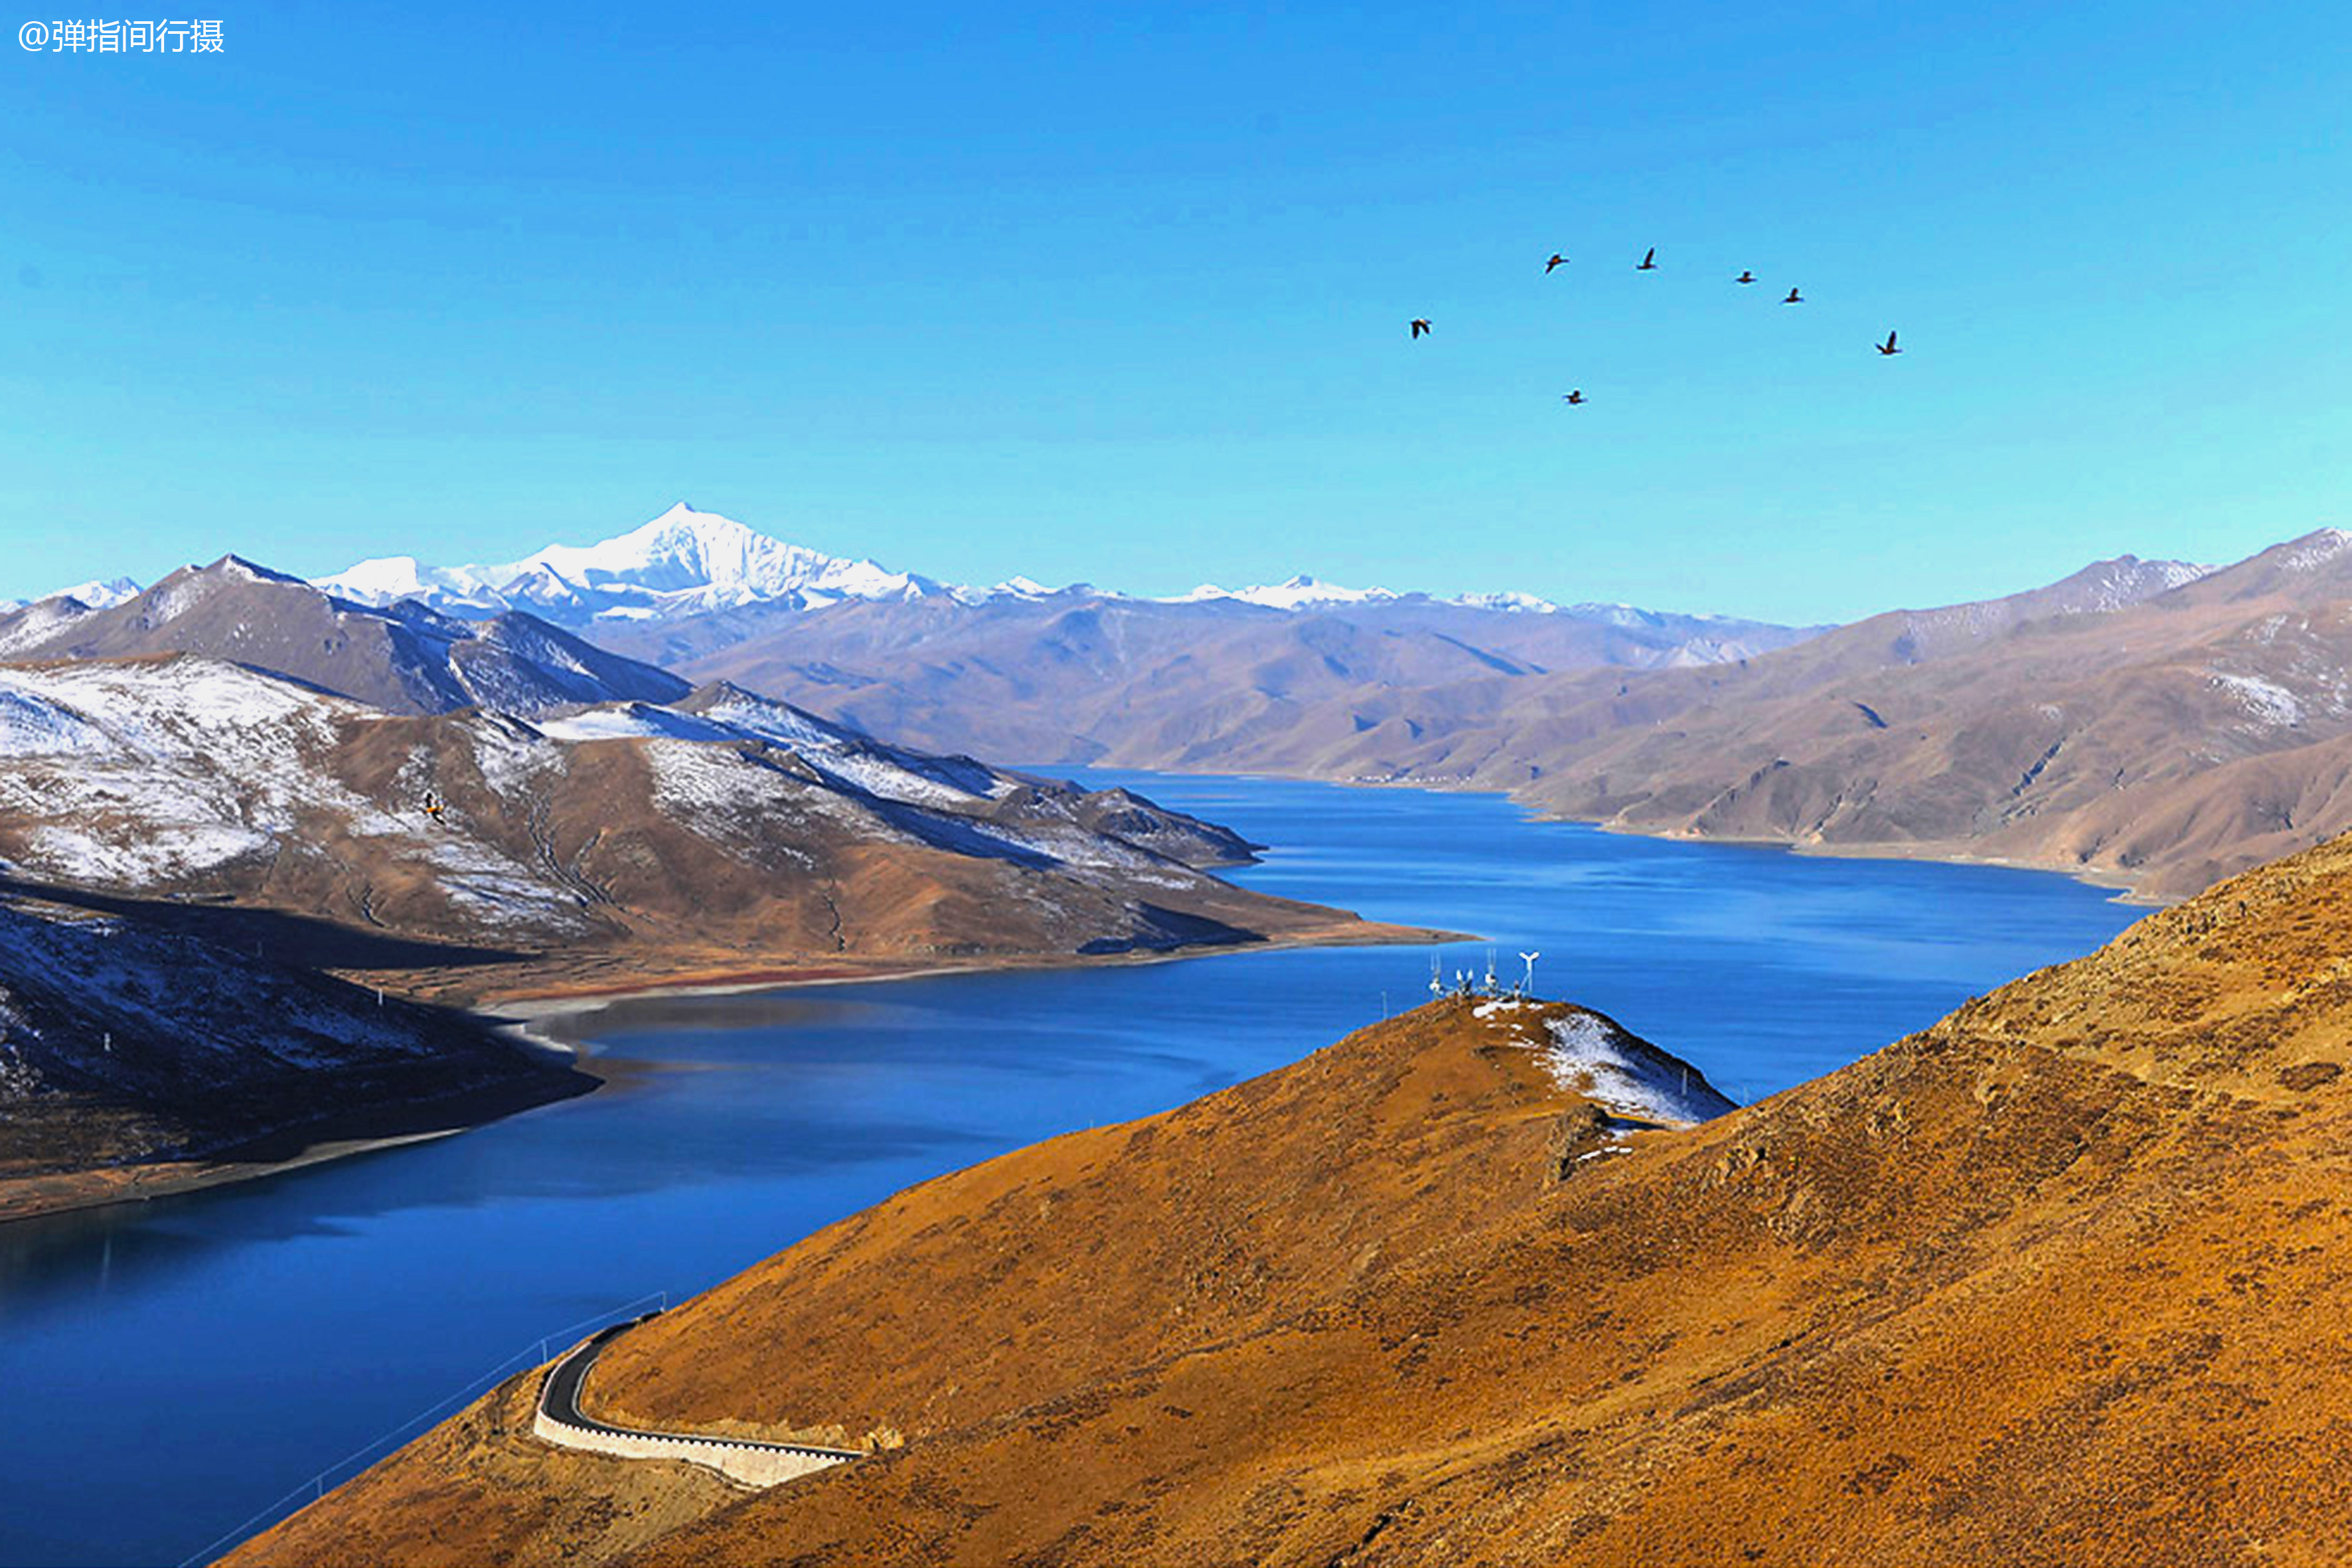 """西藏最壮美的""""圣湖"""",面积是杭州西湖70倍,蕴藏鱼类8亿公斤"""